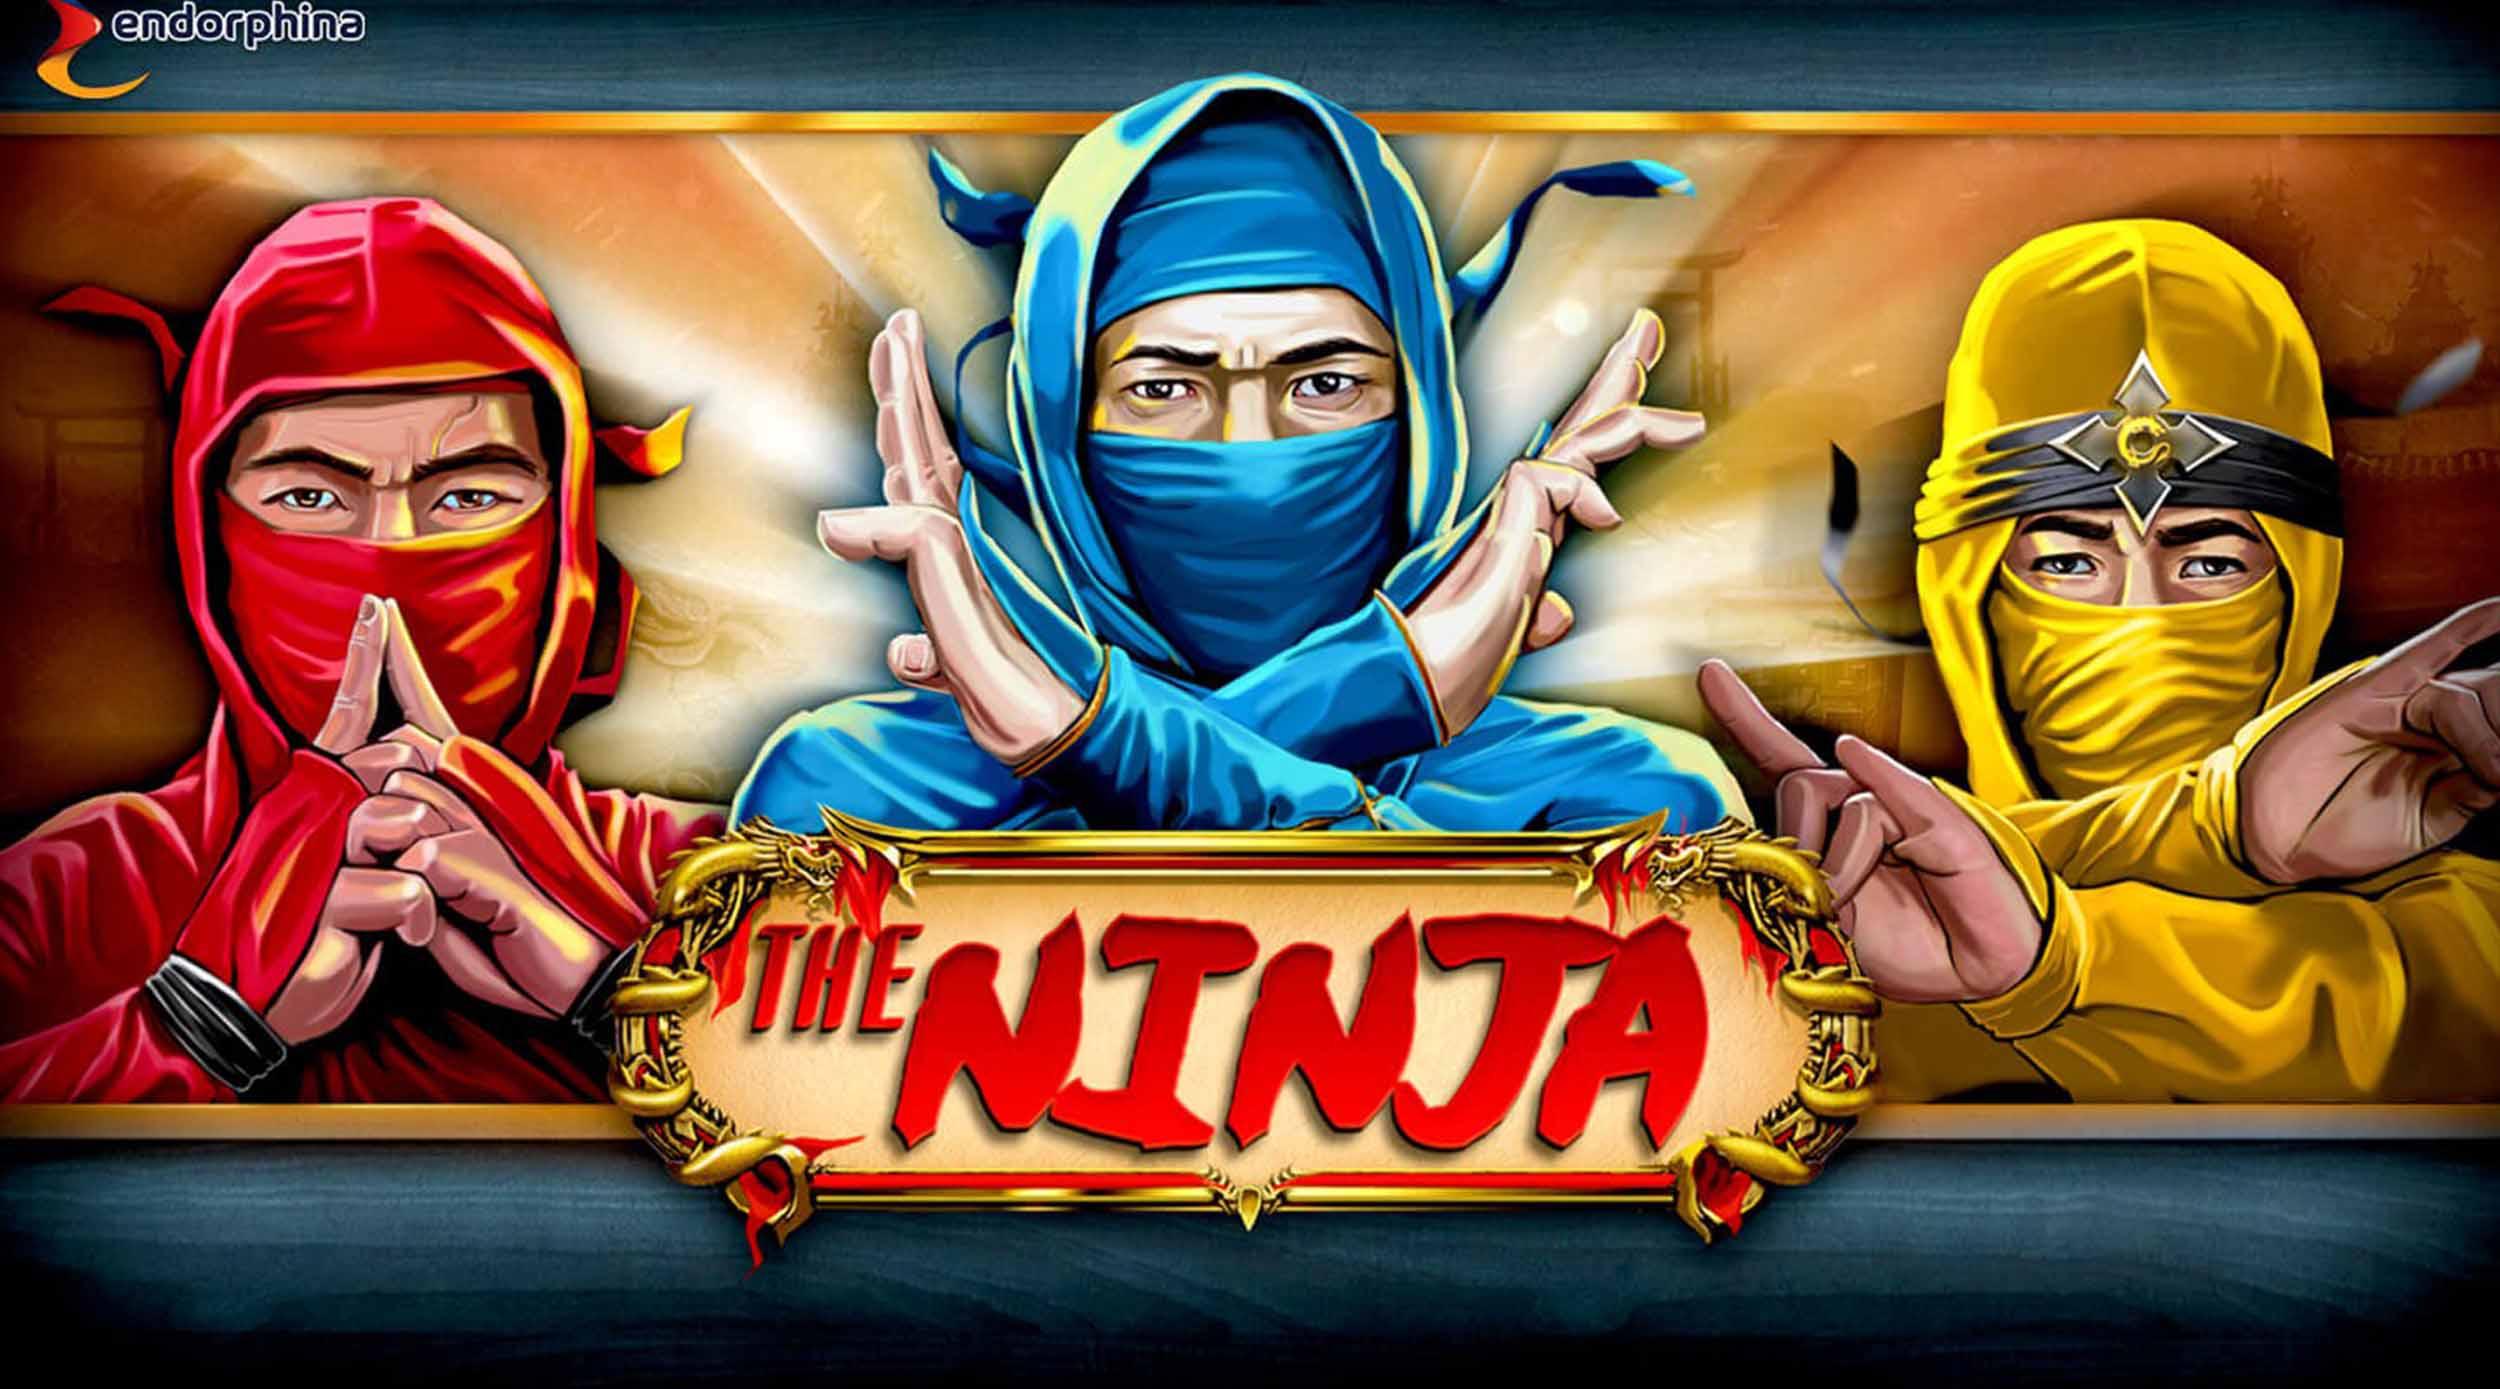 Обзор игрового автомата The Ninja